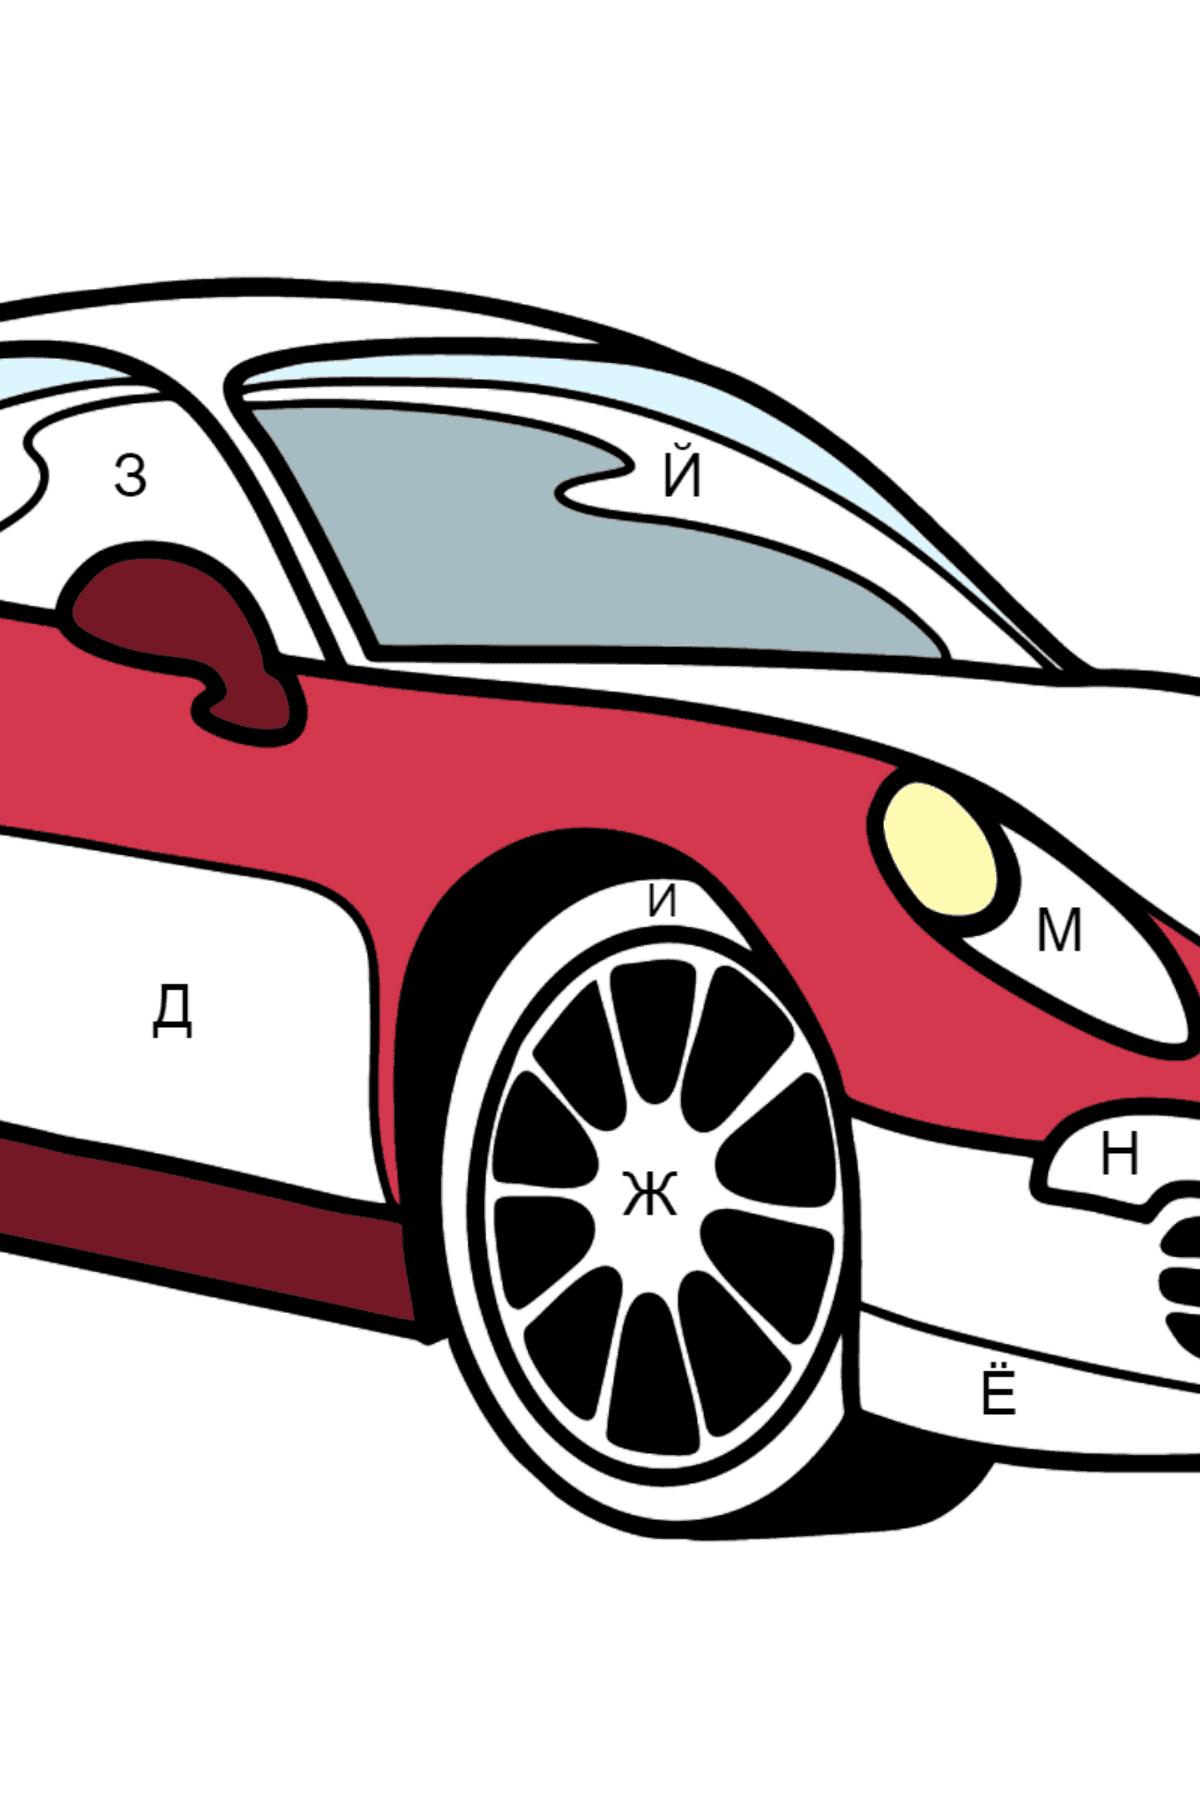 Раскраска Спортивная Машина Porsche Cayman - Раскраска по Буквам для Детей